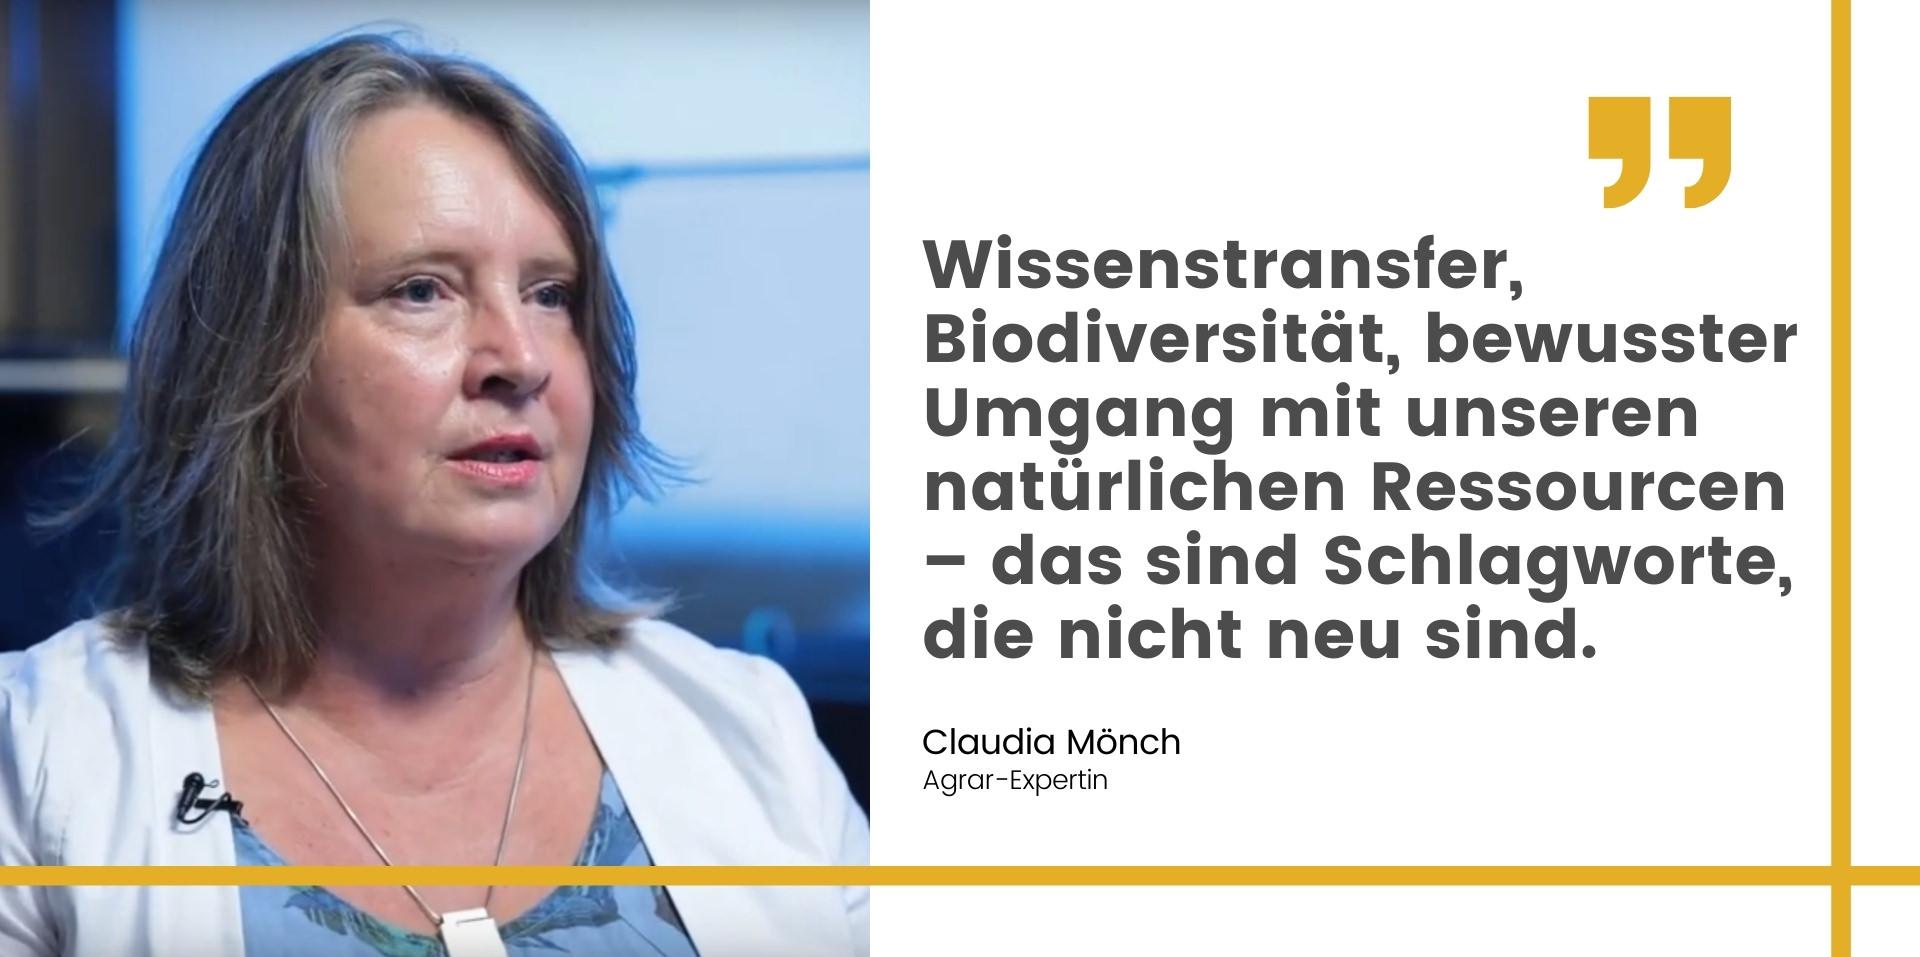 Zitat Claudia Mönch